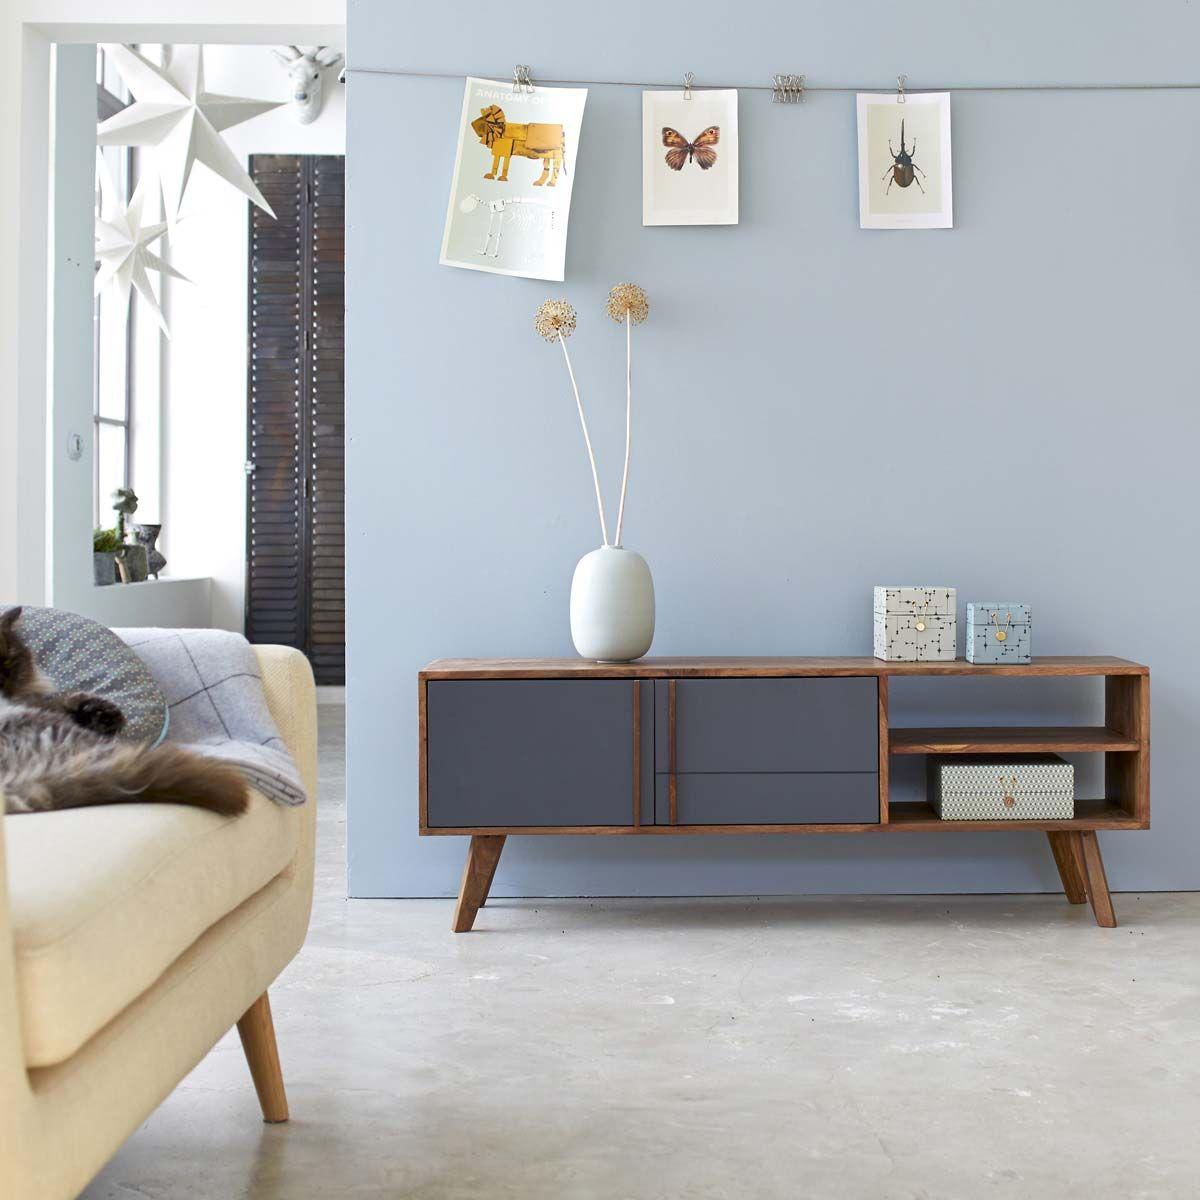 Astuce D Co Scandinave La Peinture Pastel Sur Les Murs D Co  # Petit Meuble Bas Scandinave